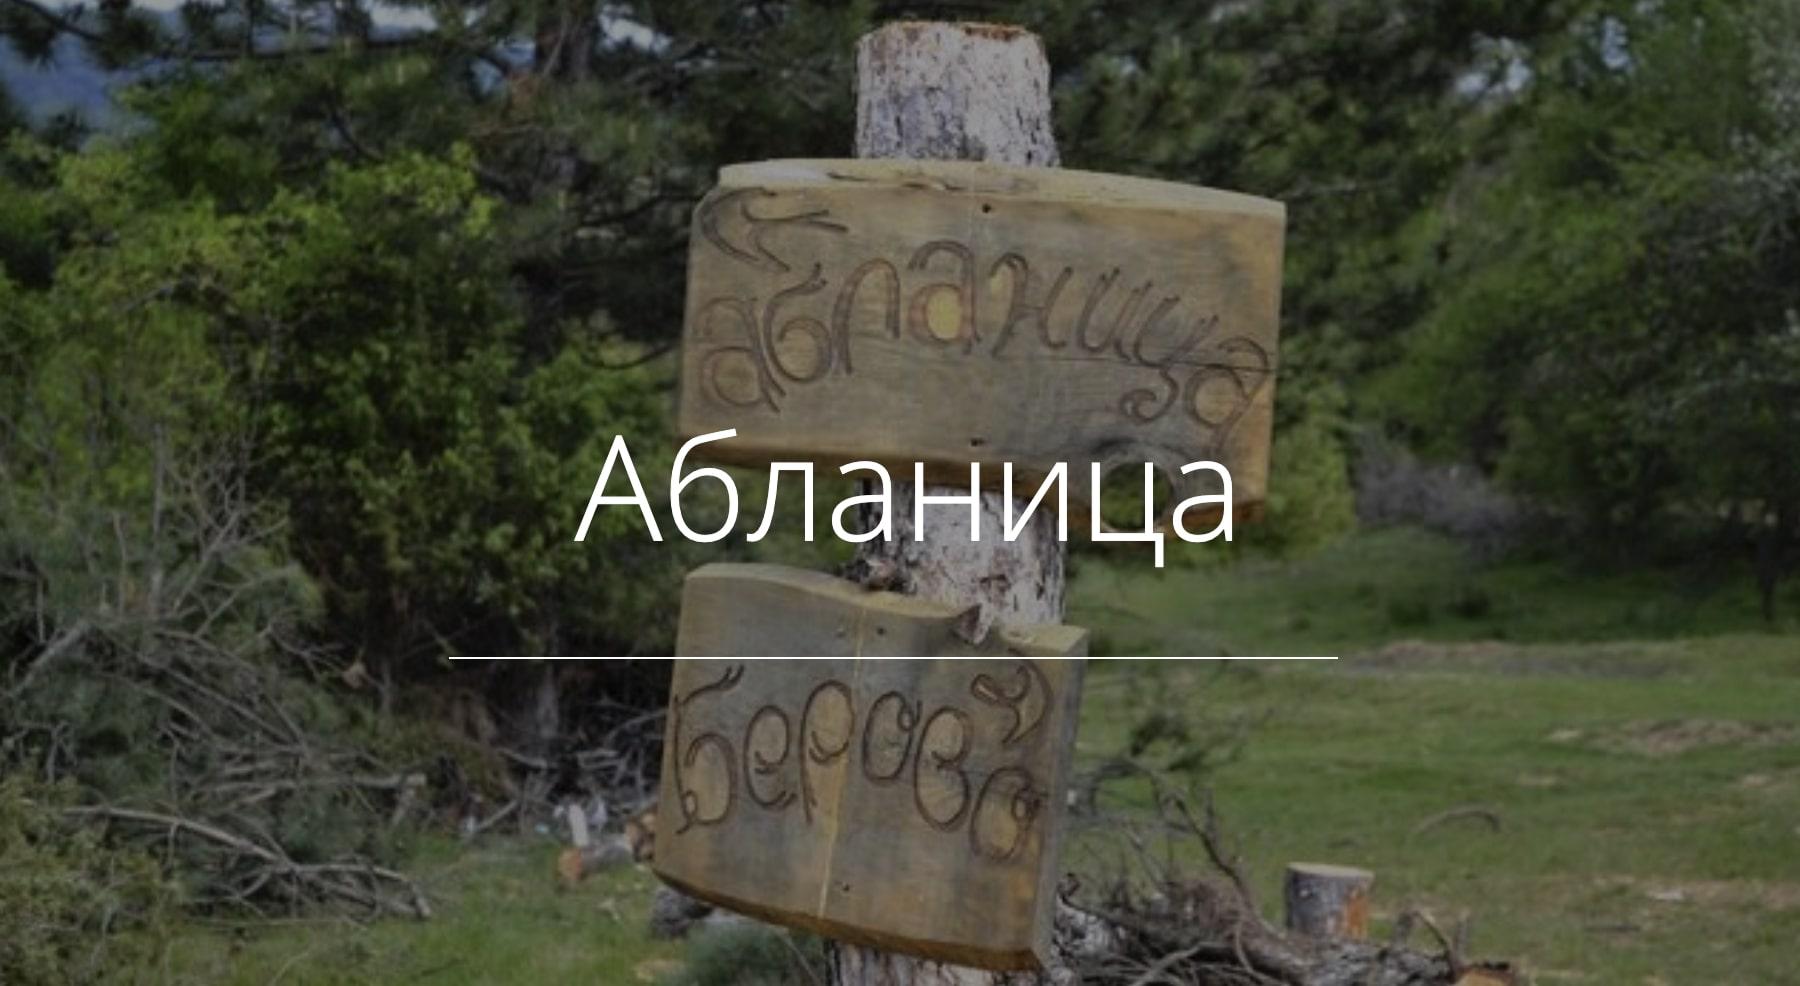 Albanica